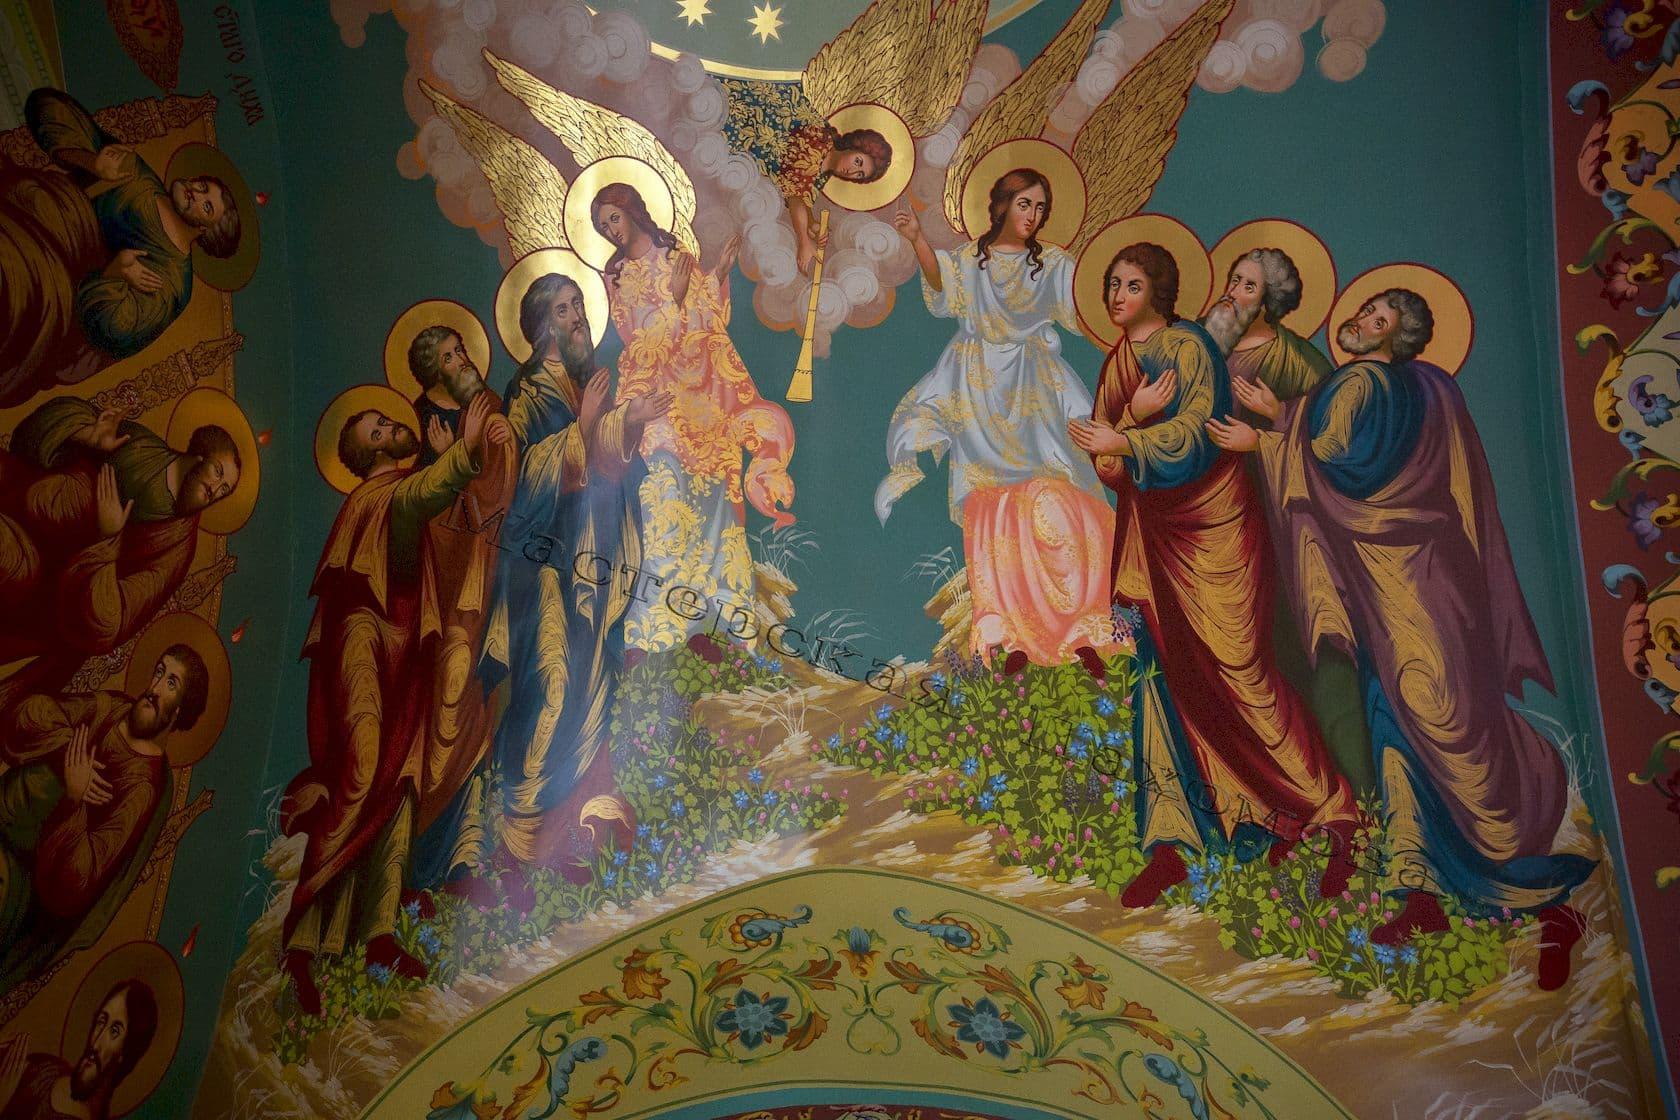 Фрагмент росписи храма - Вознесение Господне - Апостолы